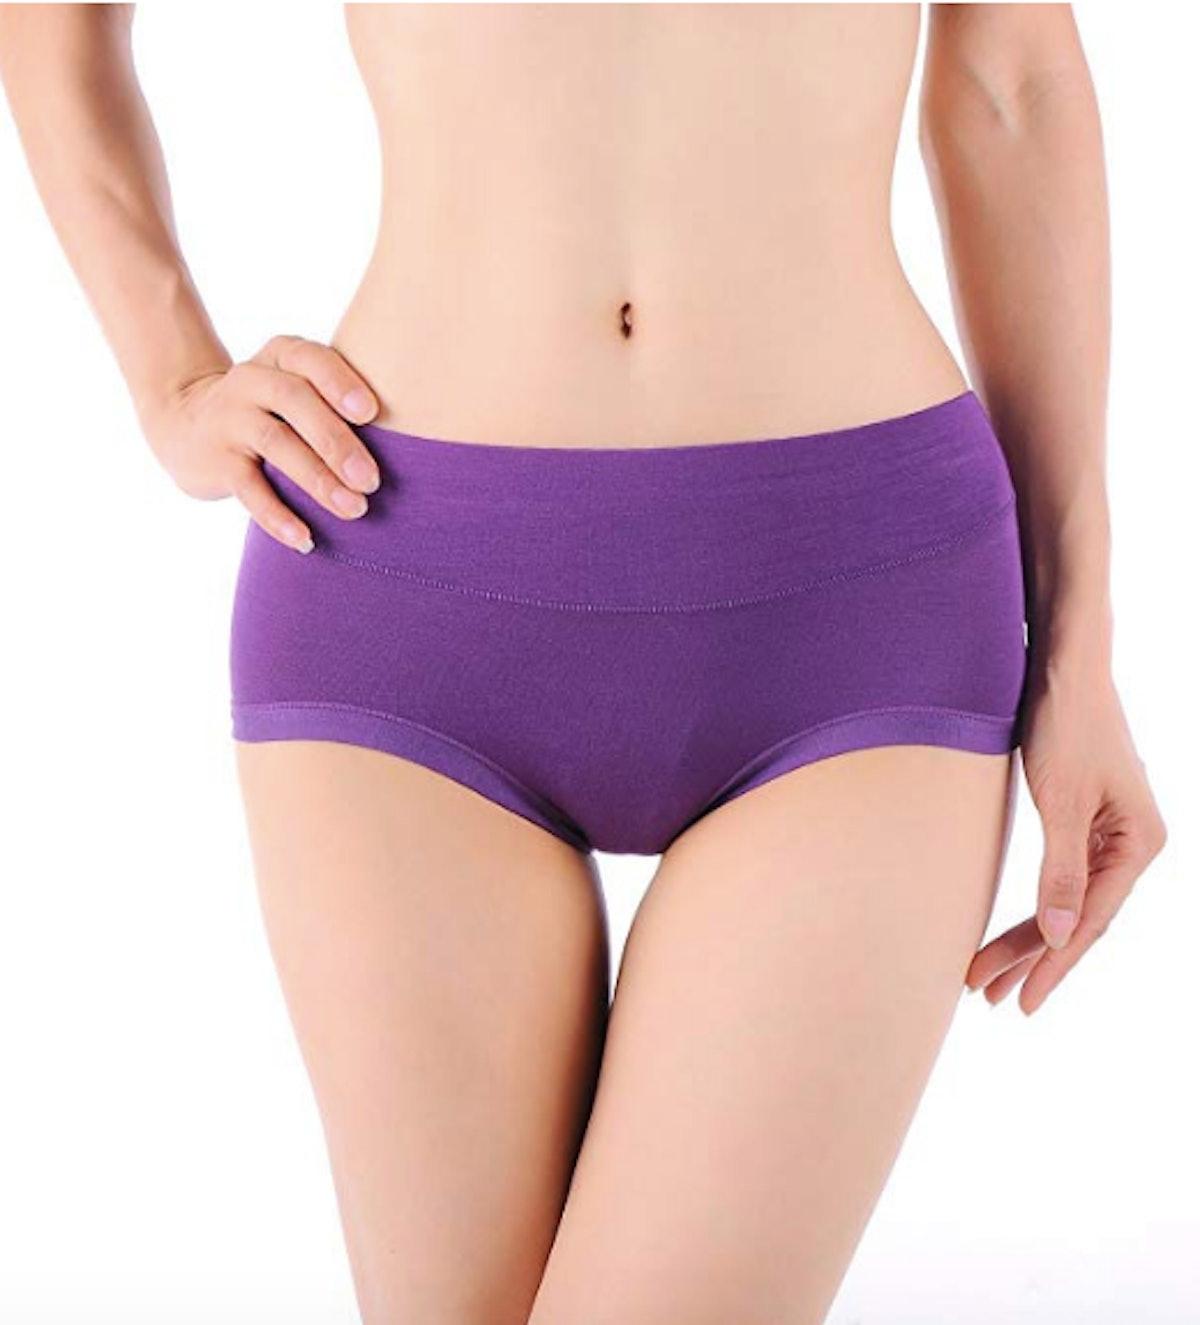 Warm Sun Bamboo Viscose Underwear (6-Pack)